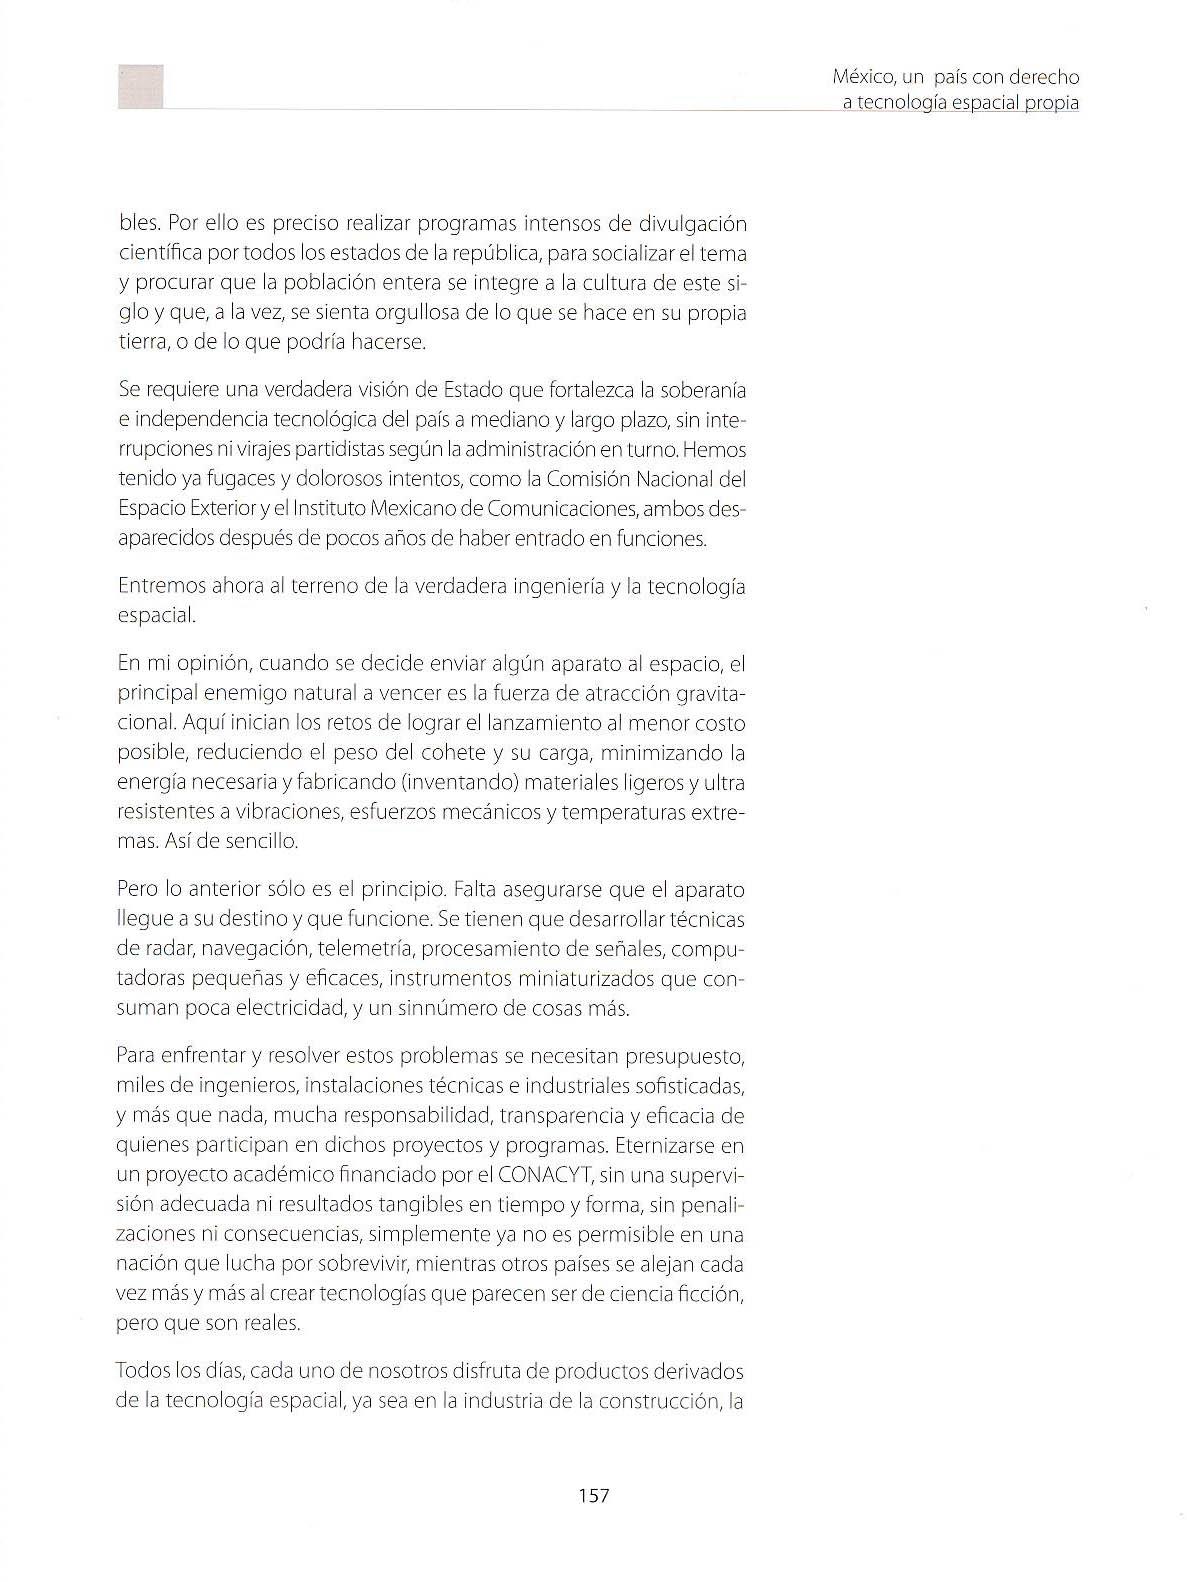 México, un país con derecho a tecnología propia 157